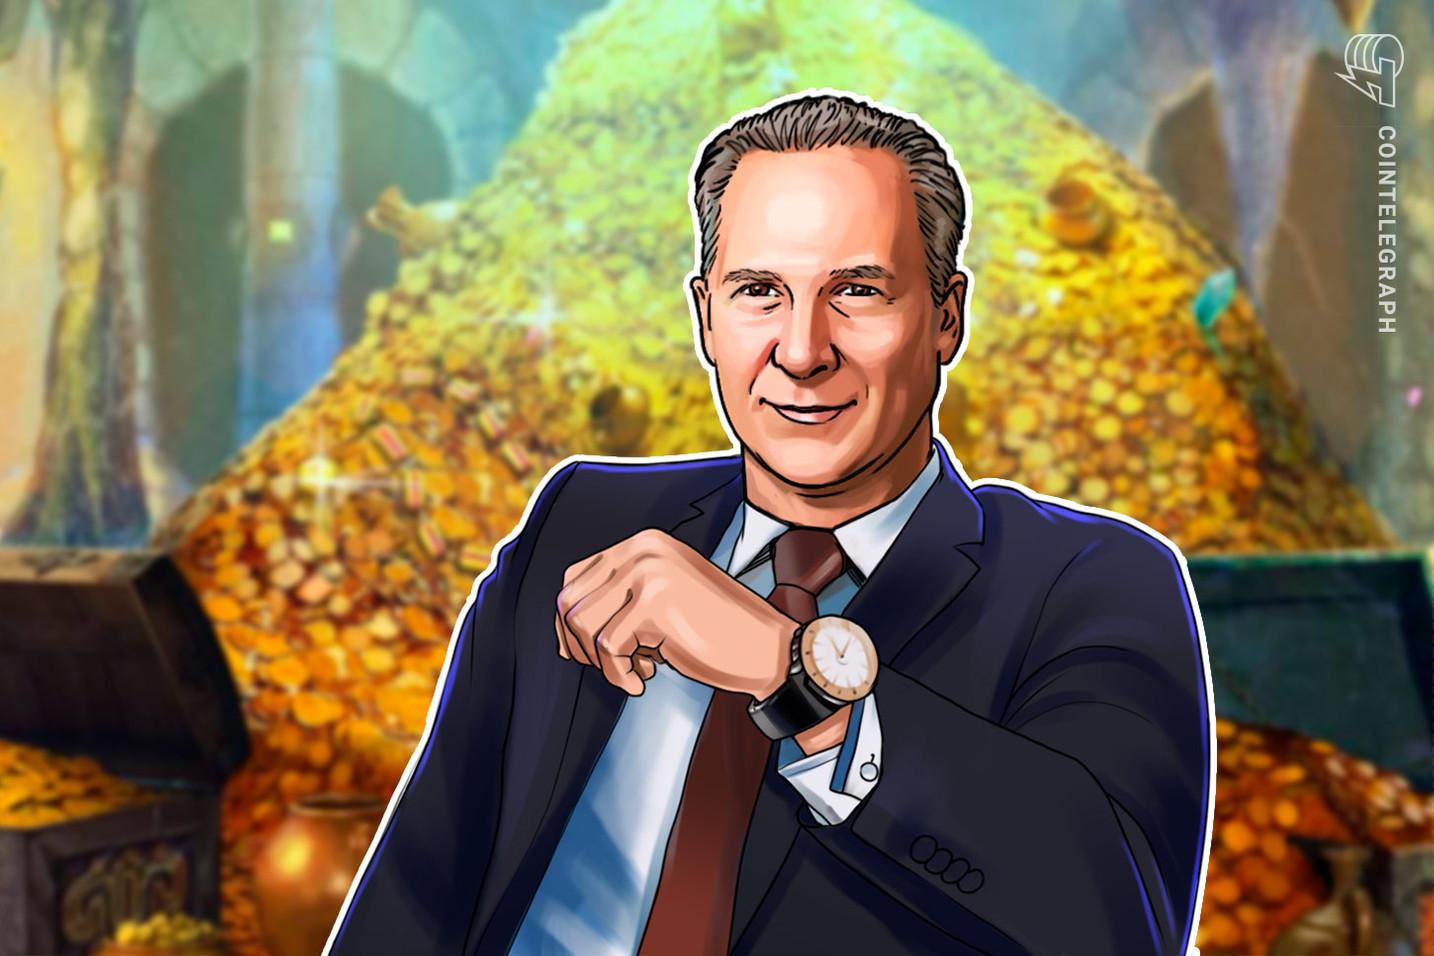 Bitcoin hará que Peter Schiff se patee a sí mismo: Pompliano debate con el escarabajo dorado